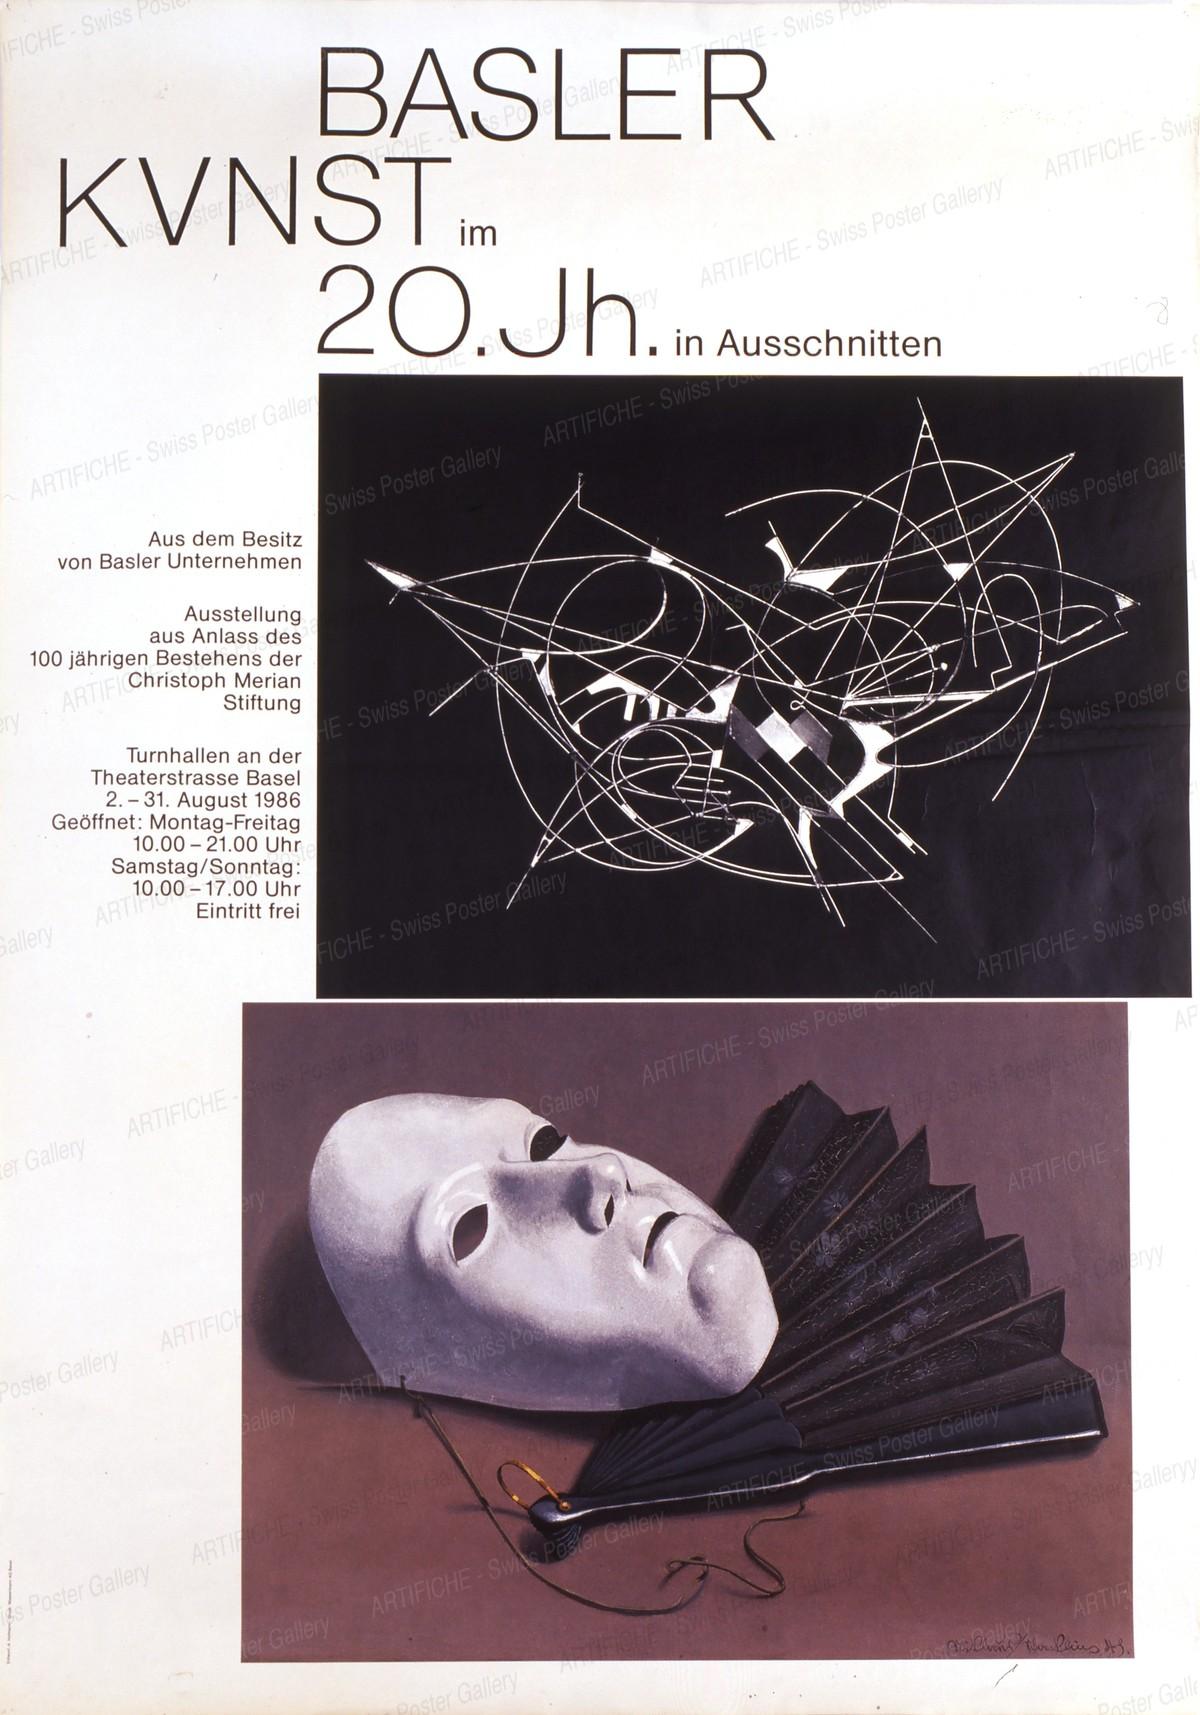 Basler Kunst im 20. Jh. – In Ausschnitten – 100 Jahre Merian Stiftung, Armin Hofmann